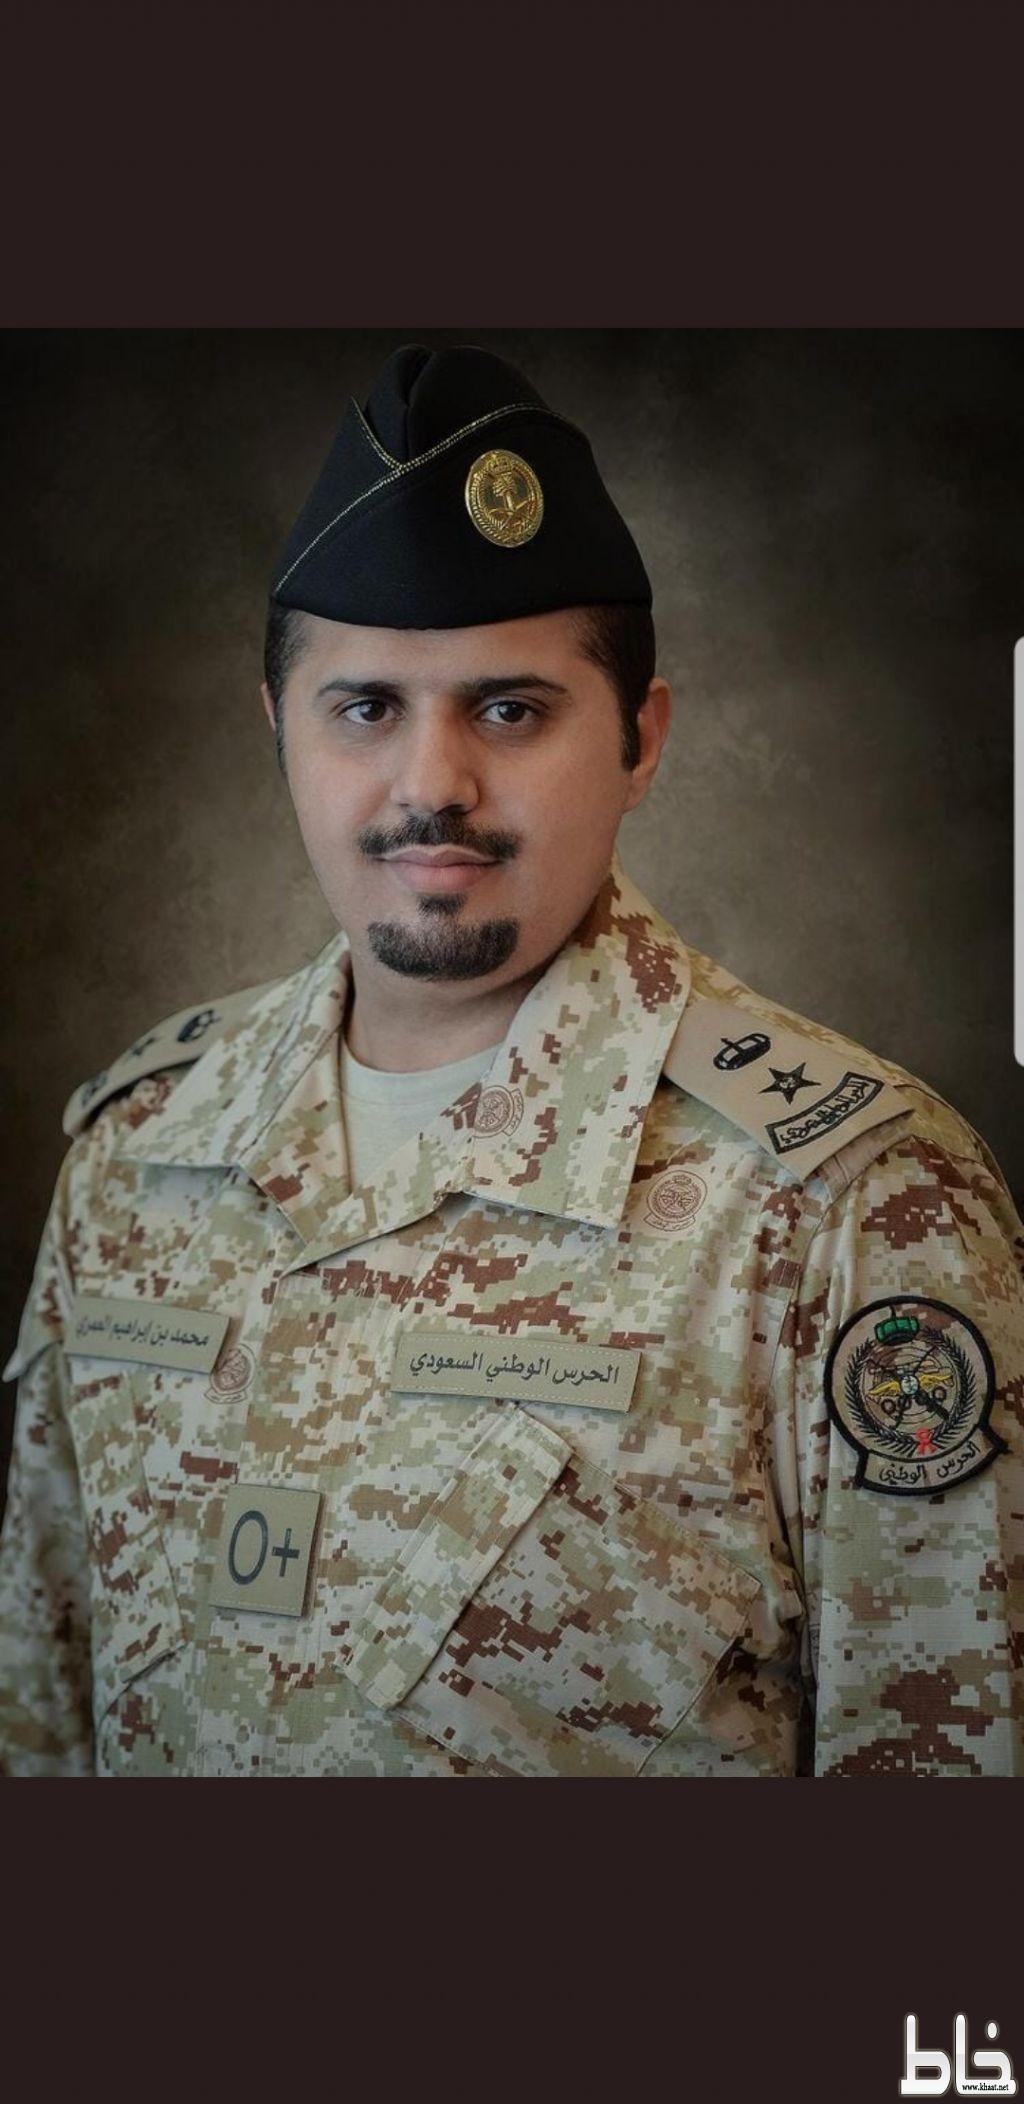 ترقية المتحدث الرسمي لوزارة الحرس الوطني محمد العمري الى رتبة مقدم..